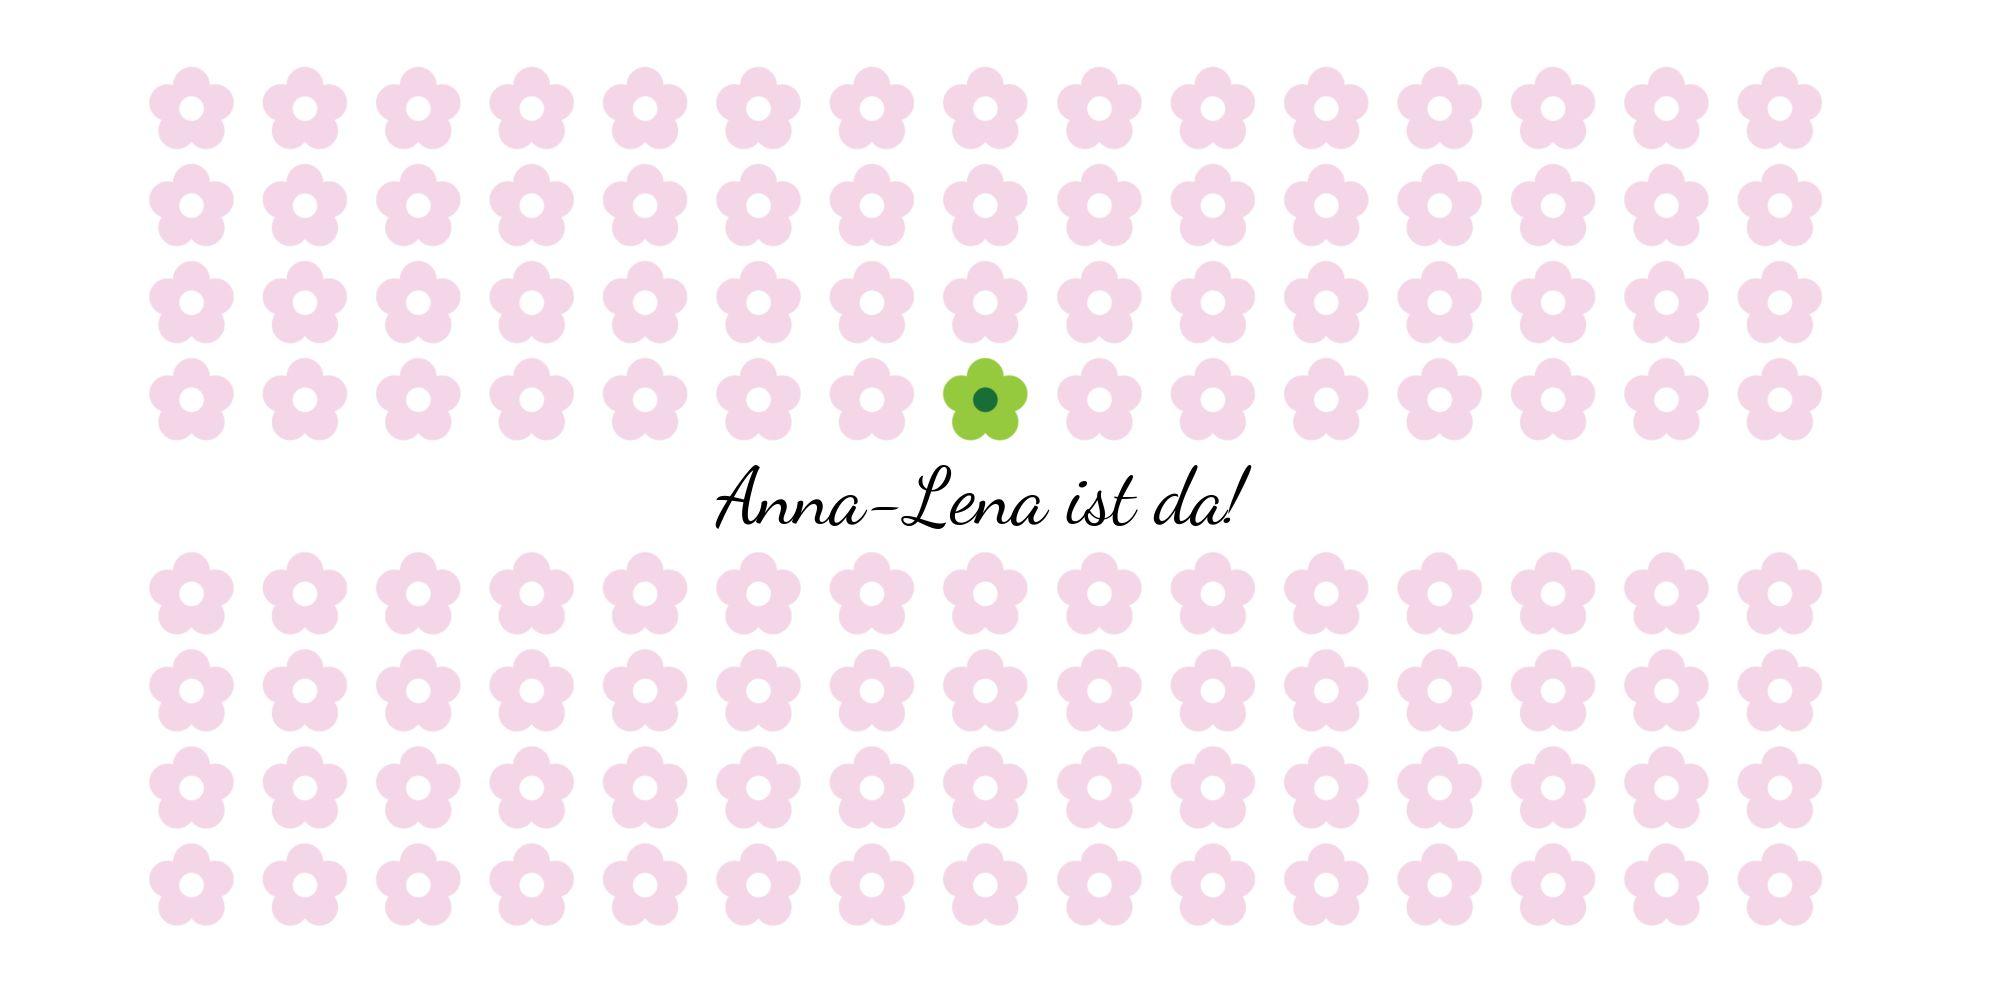 Ansicht 3 - Babykarte Blumentapete